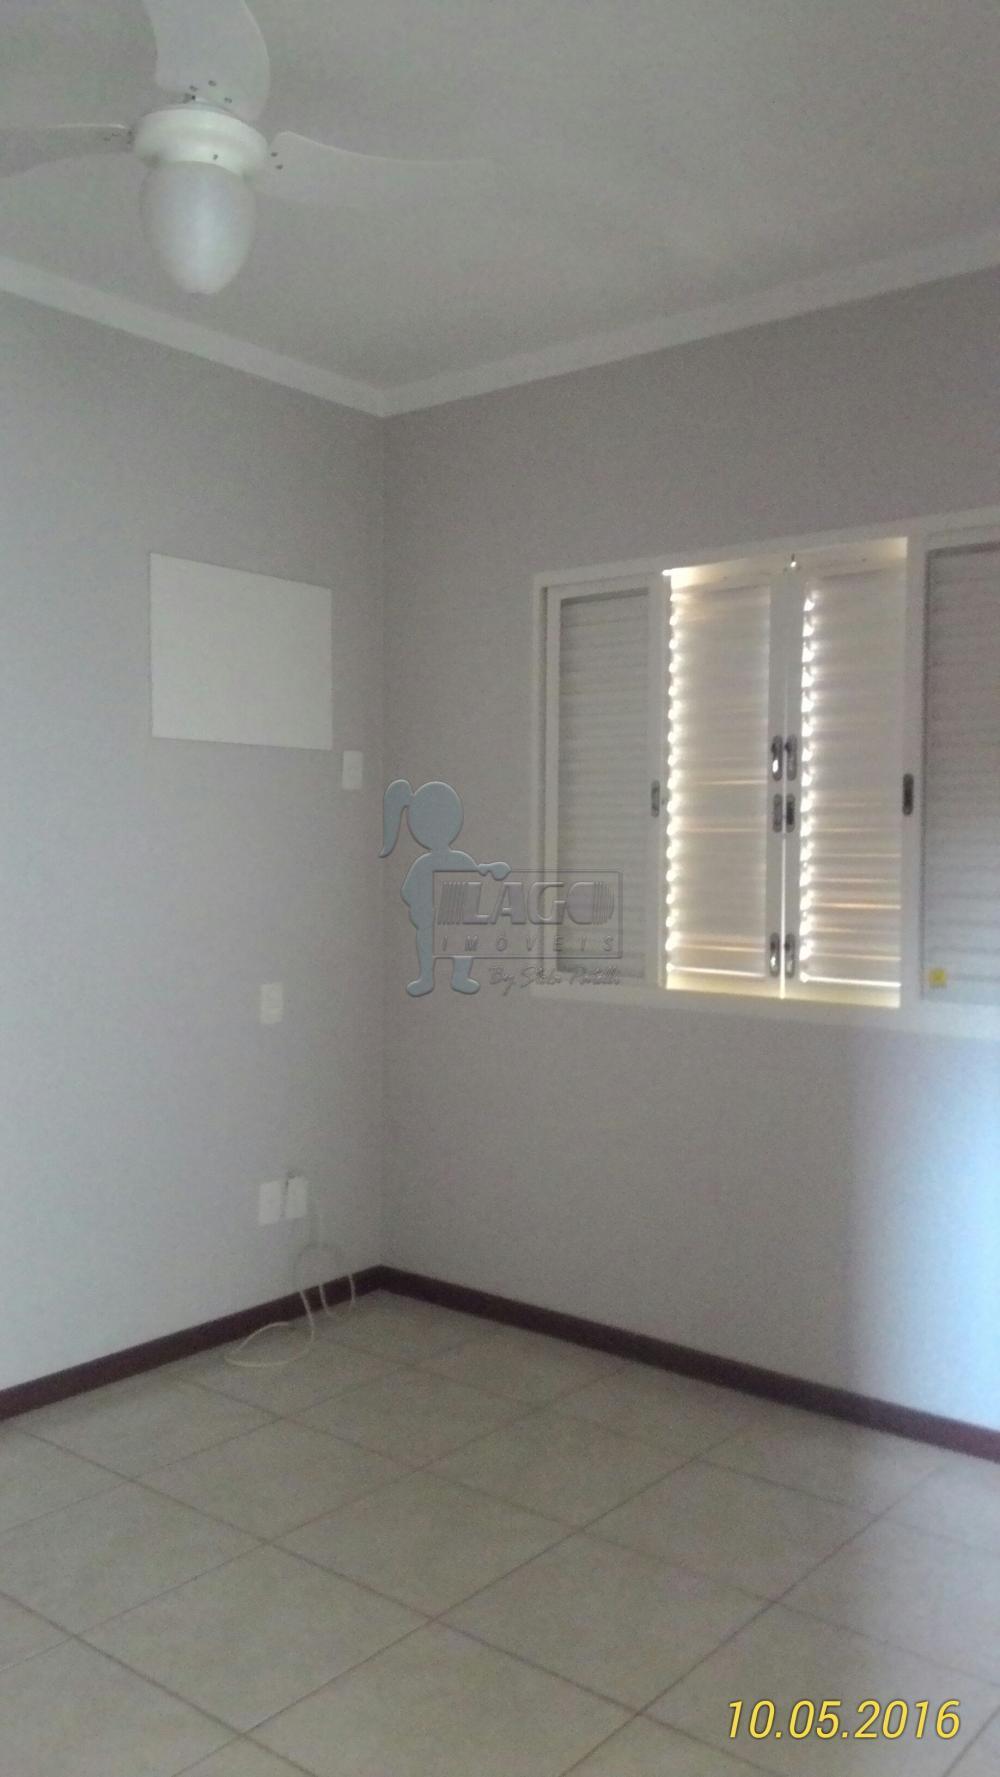 Alugar Casas / Condomínio em Bonfim Paulista apenas R$ 3.800,00 - Foto 20